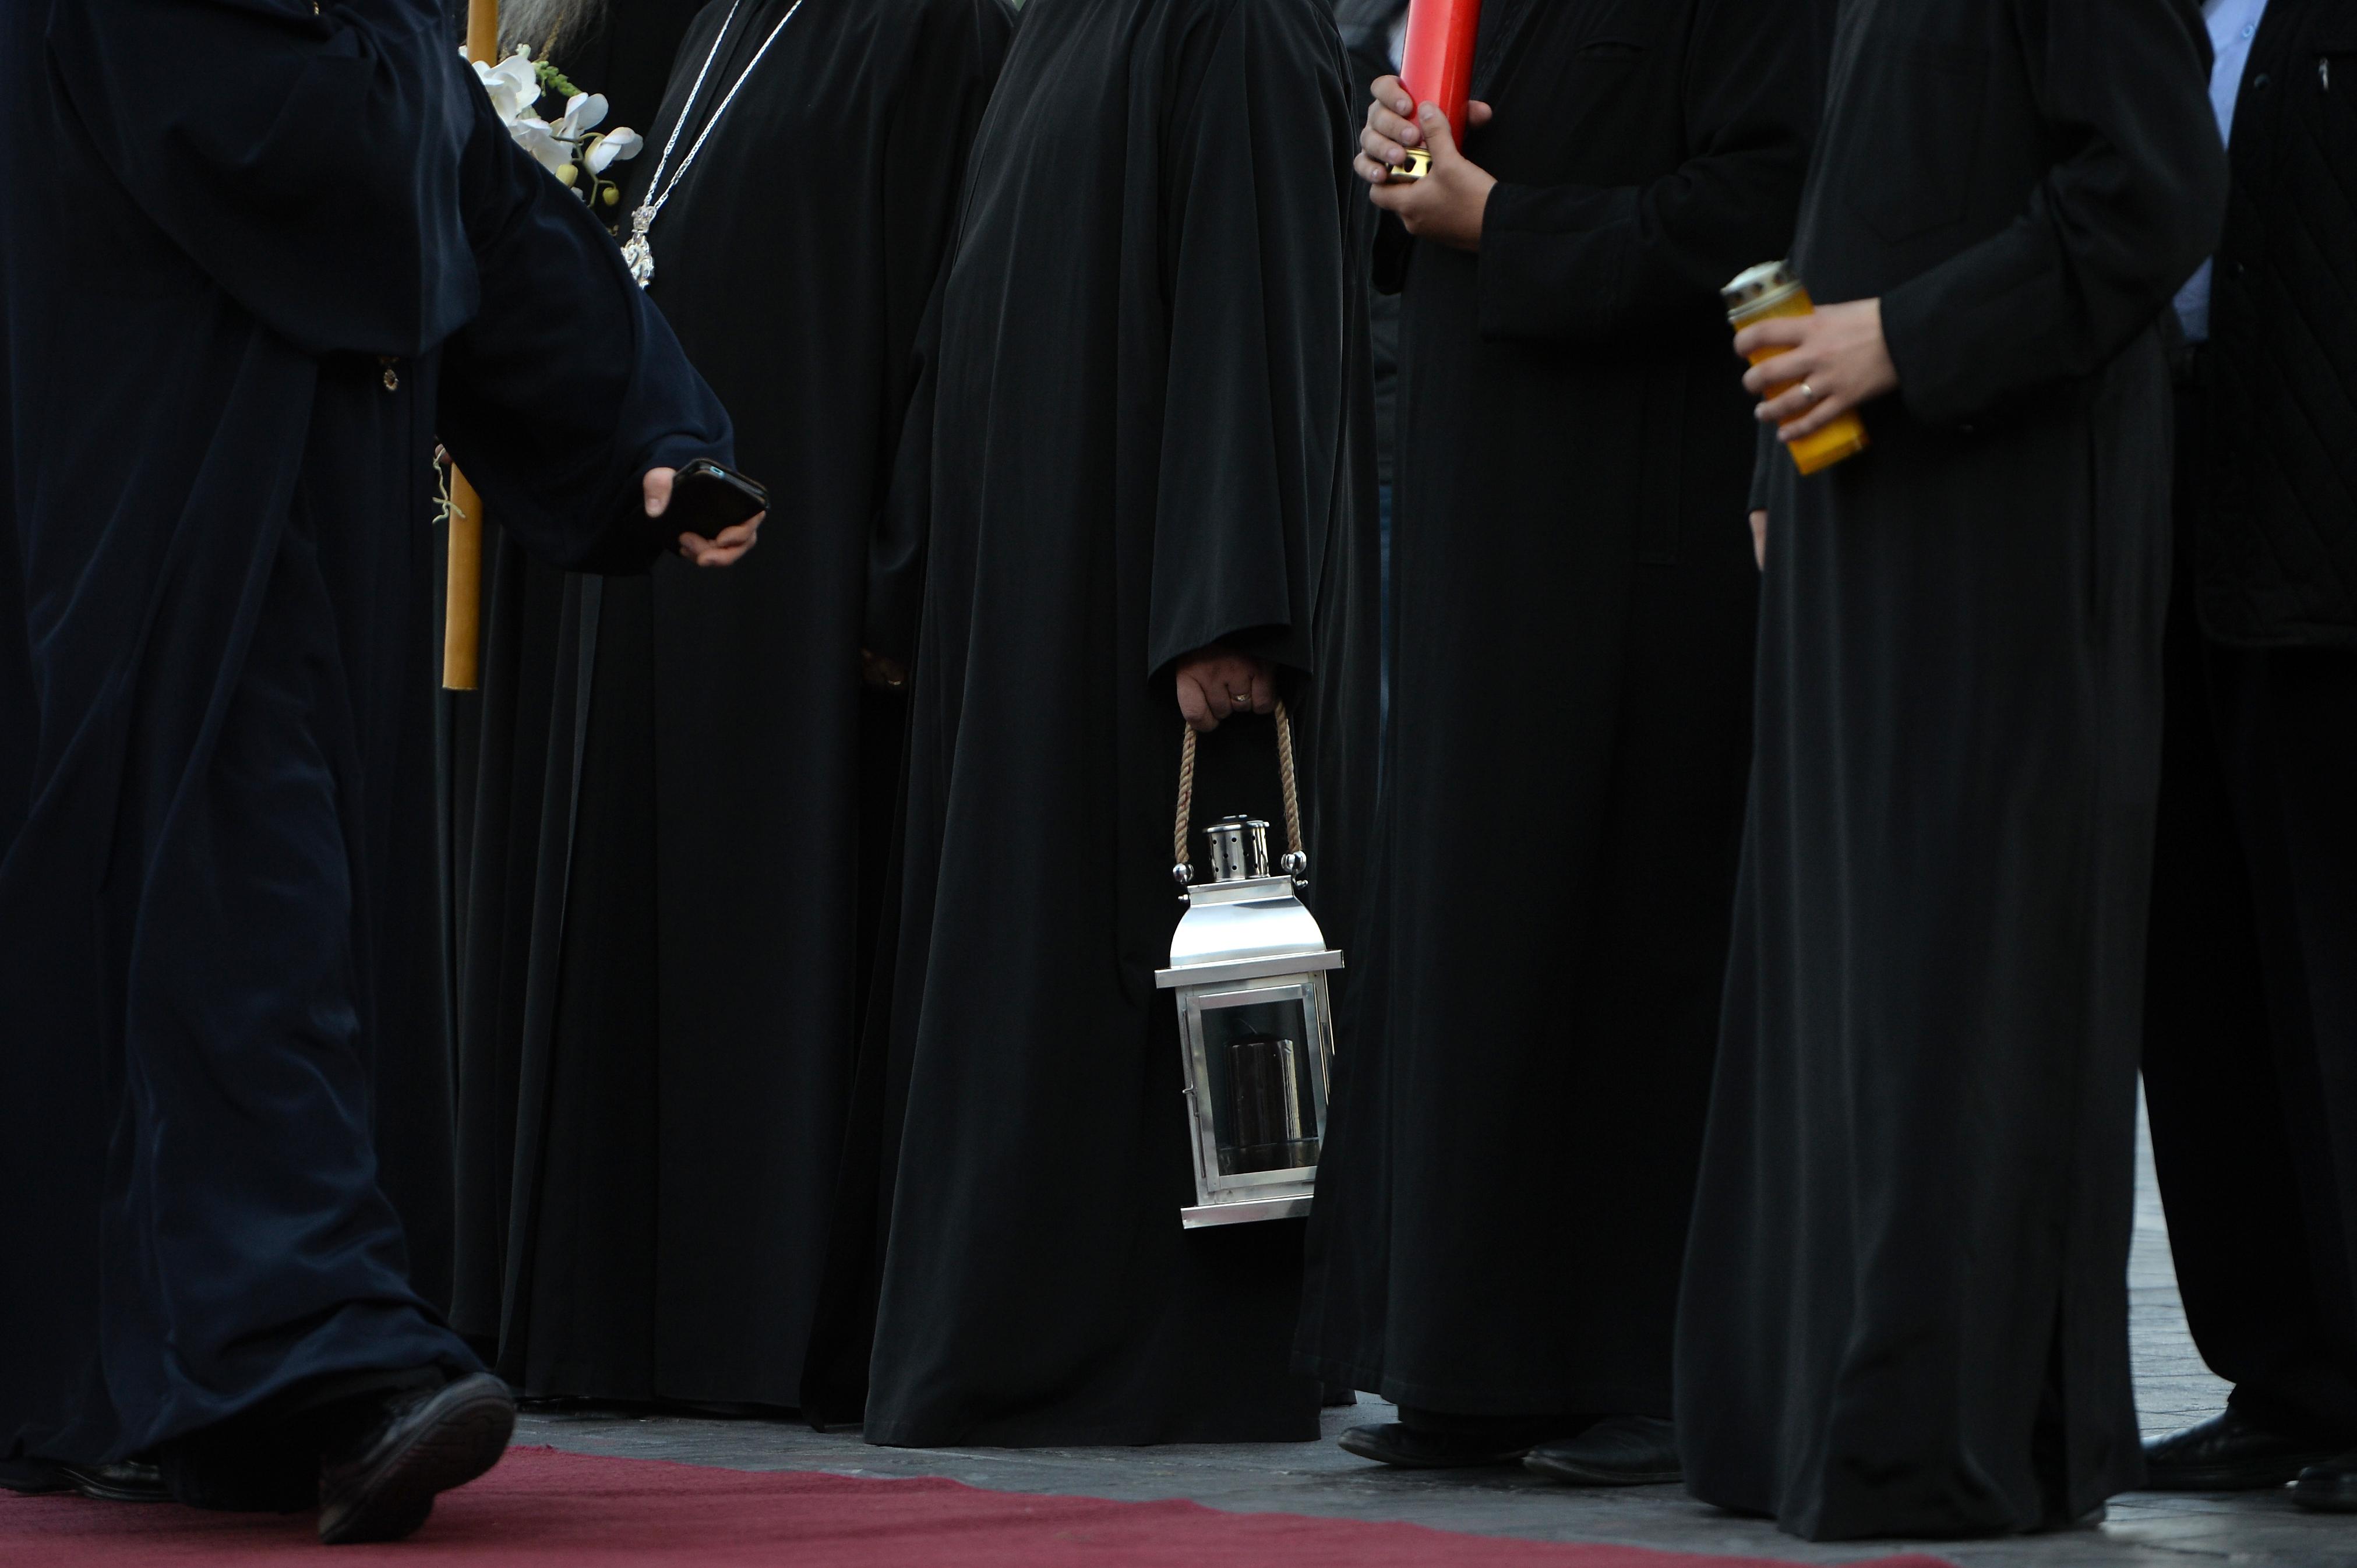 Victoria lui Cîţu după întâlnirea cu preoţii dintr-un judeţ: Vor fi caravane la nivel local. Vor să se implice în vaccinare